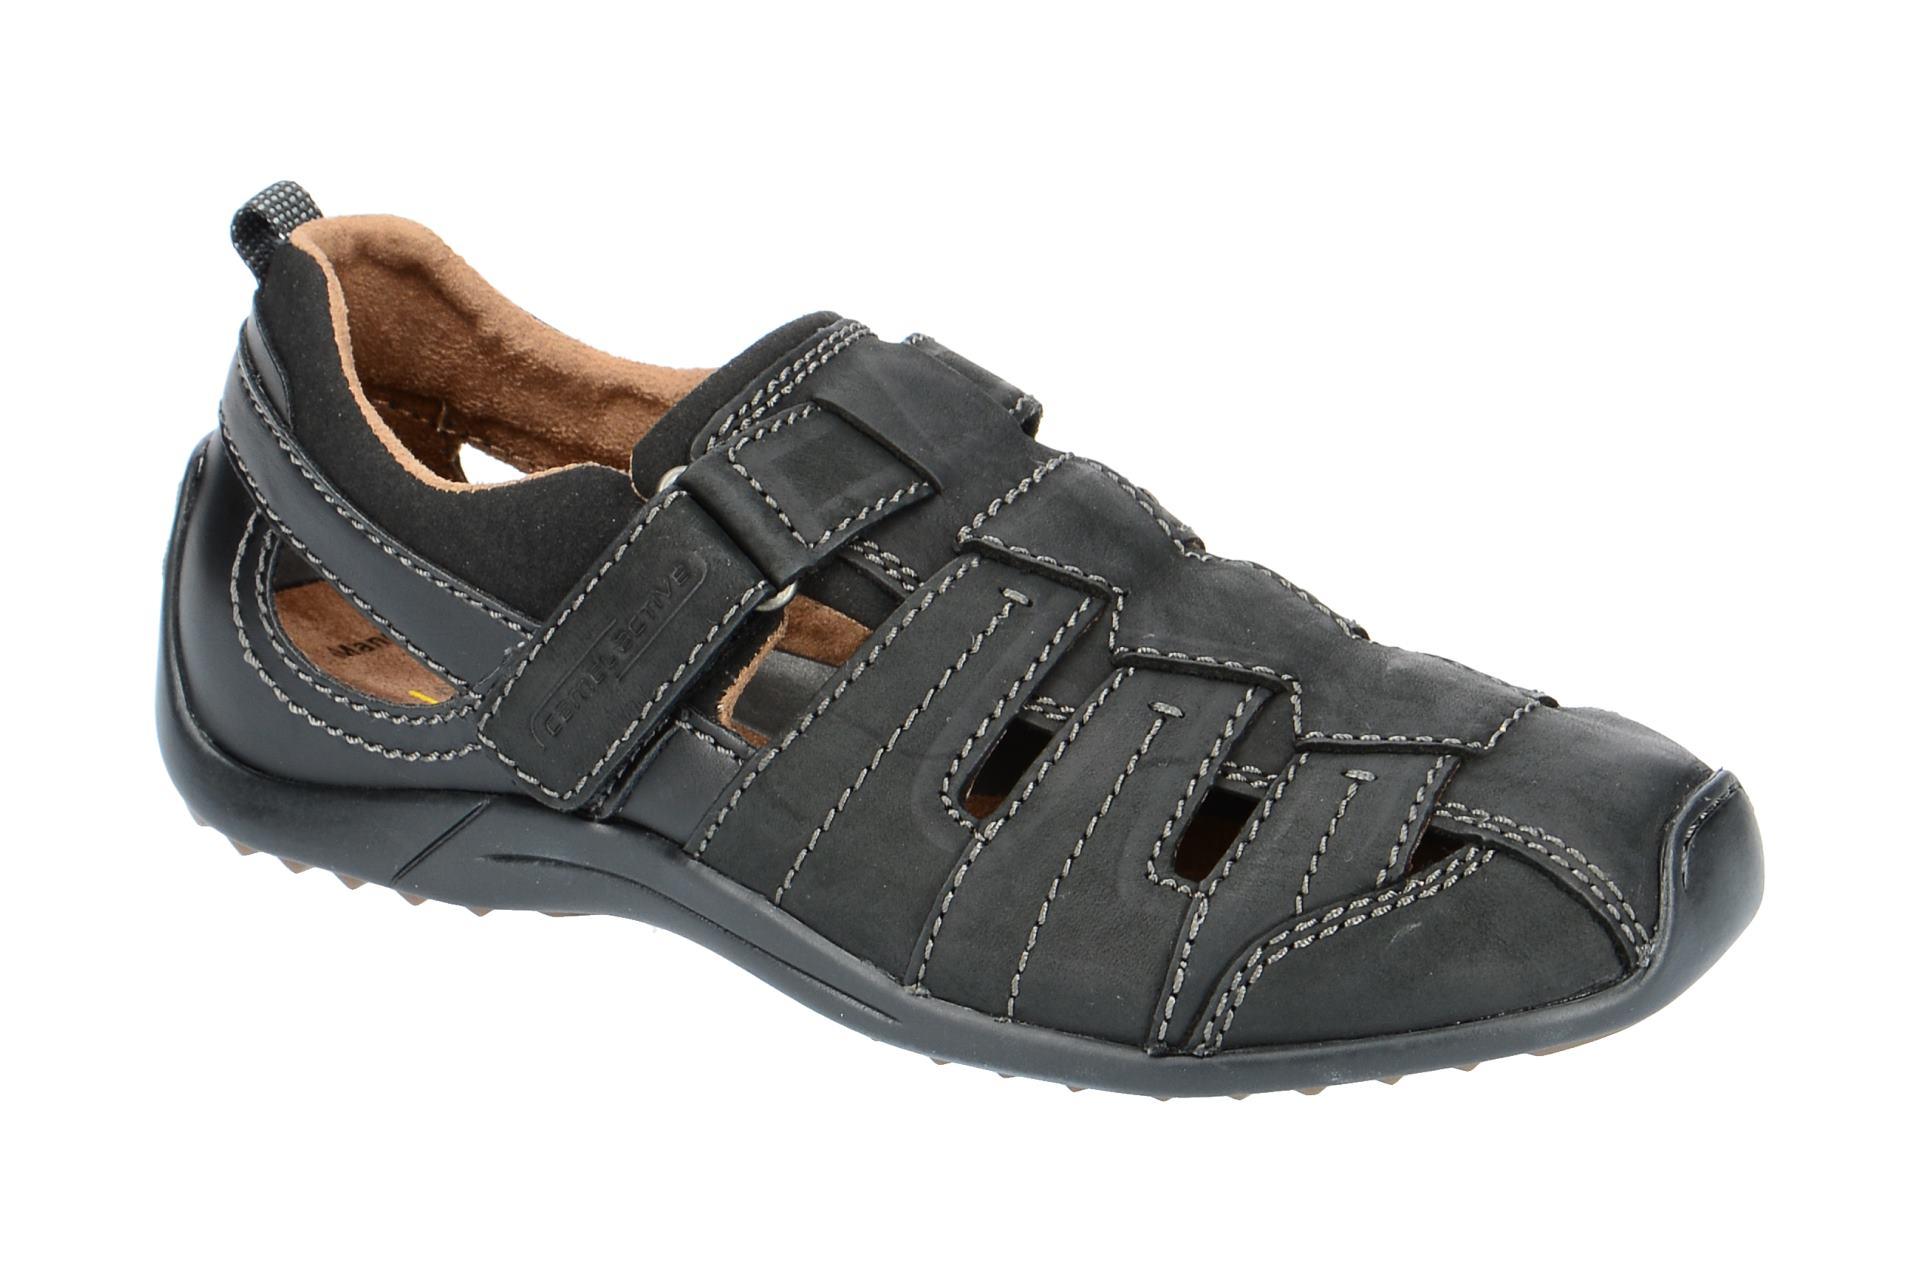 3385fe3e7e9e camel active Shop - Schuhe für Herren - versandfrei online kaufen